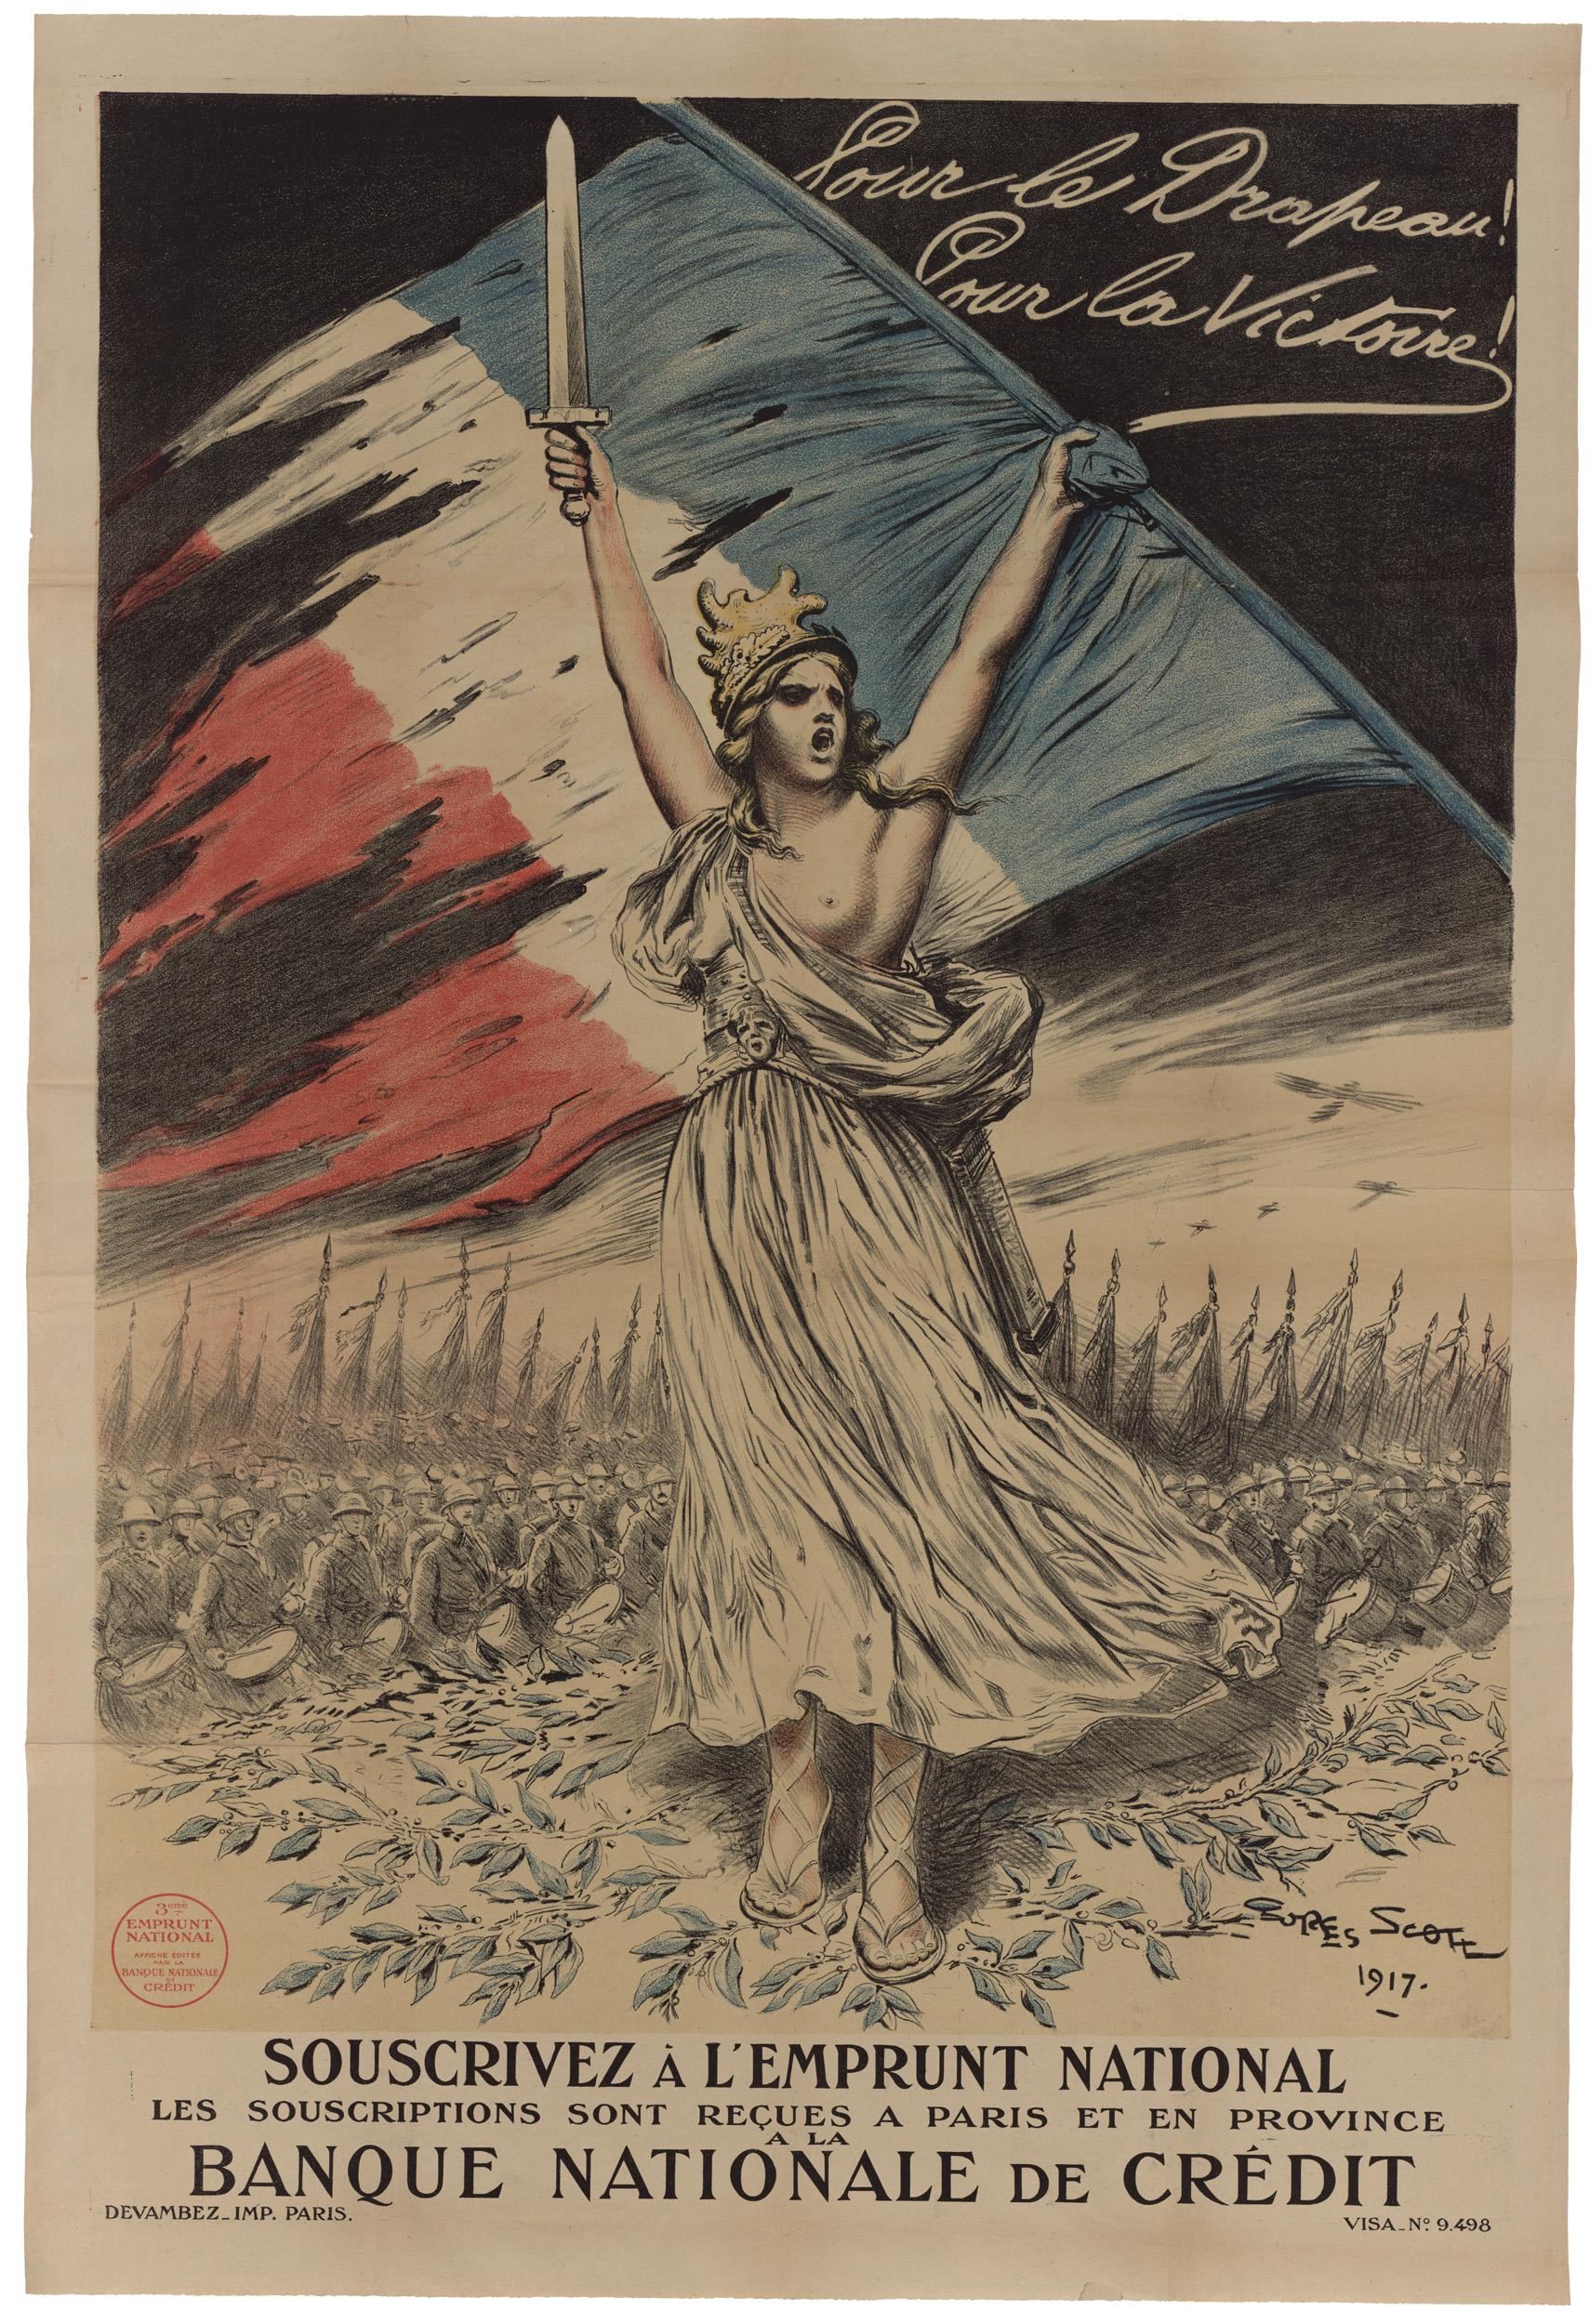 Contenu du Pour le drapeau! Pour la victoire! Souscrivez à l'emprunt national, les souscriptions sont reçues à Paris et en Province à la Banque nationale de Crédit